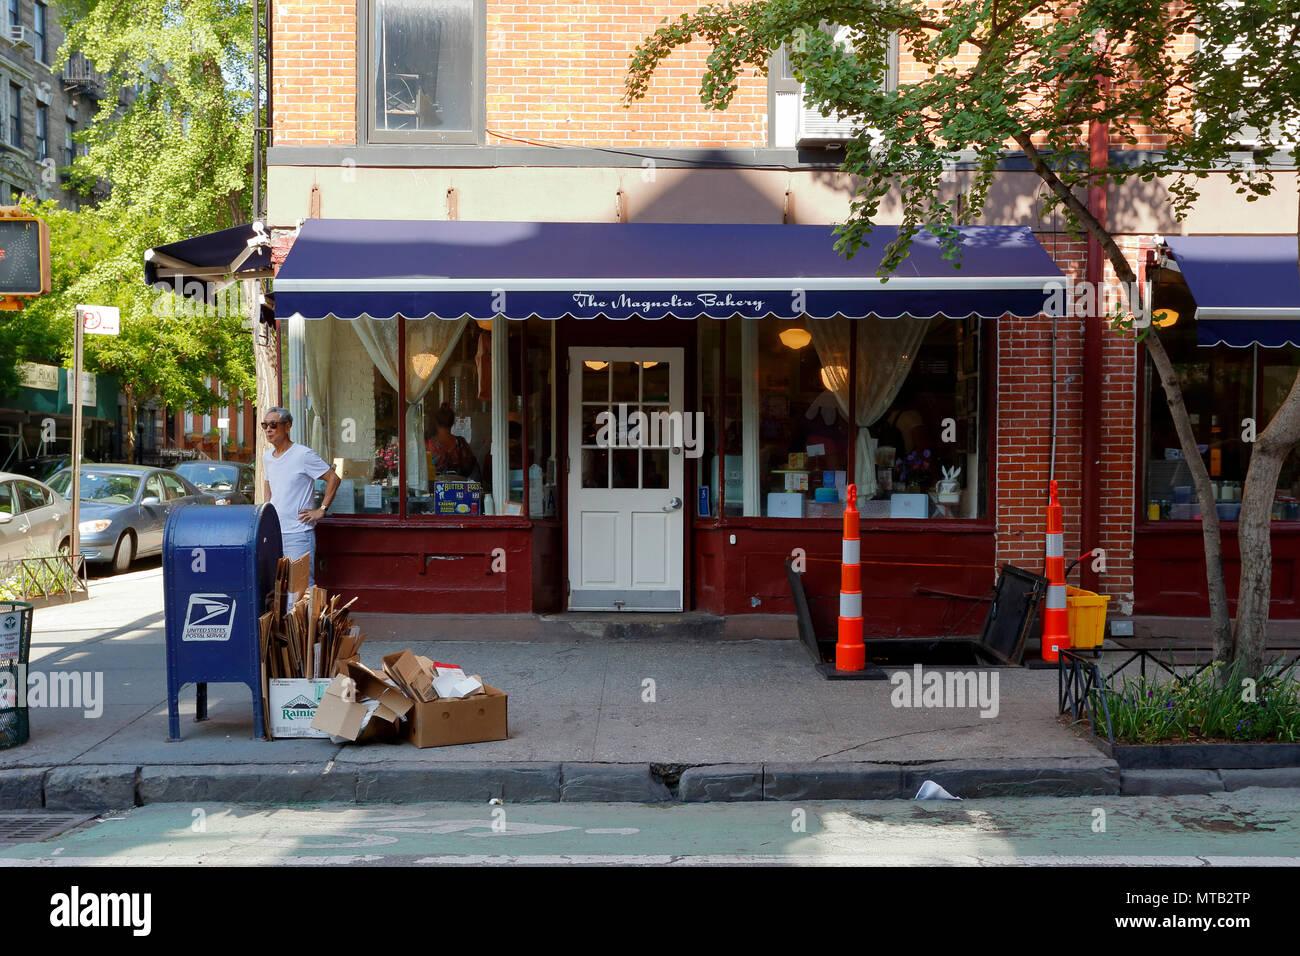 My Ny Bakery Cafe New York Ny